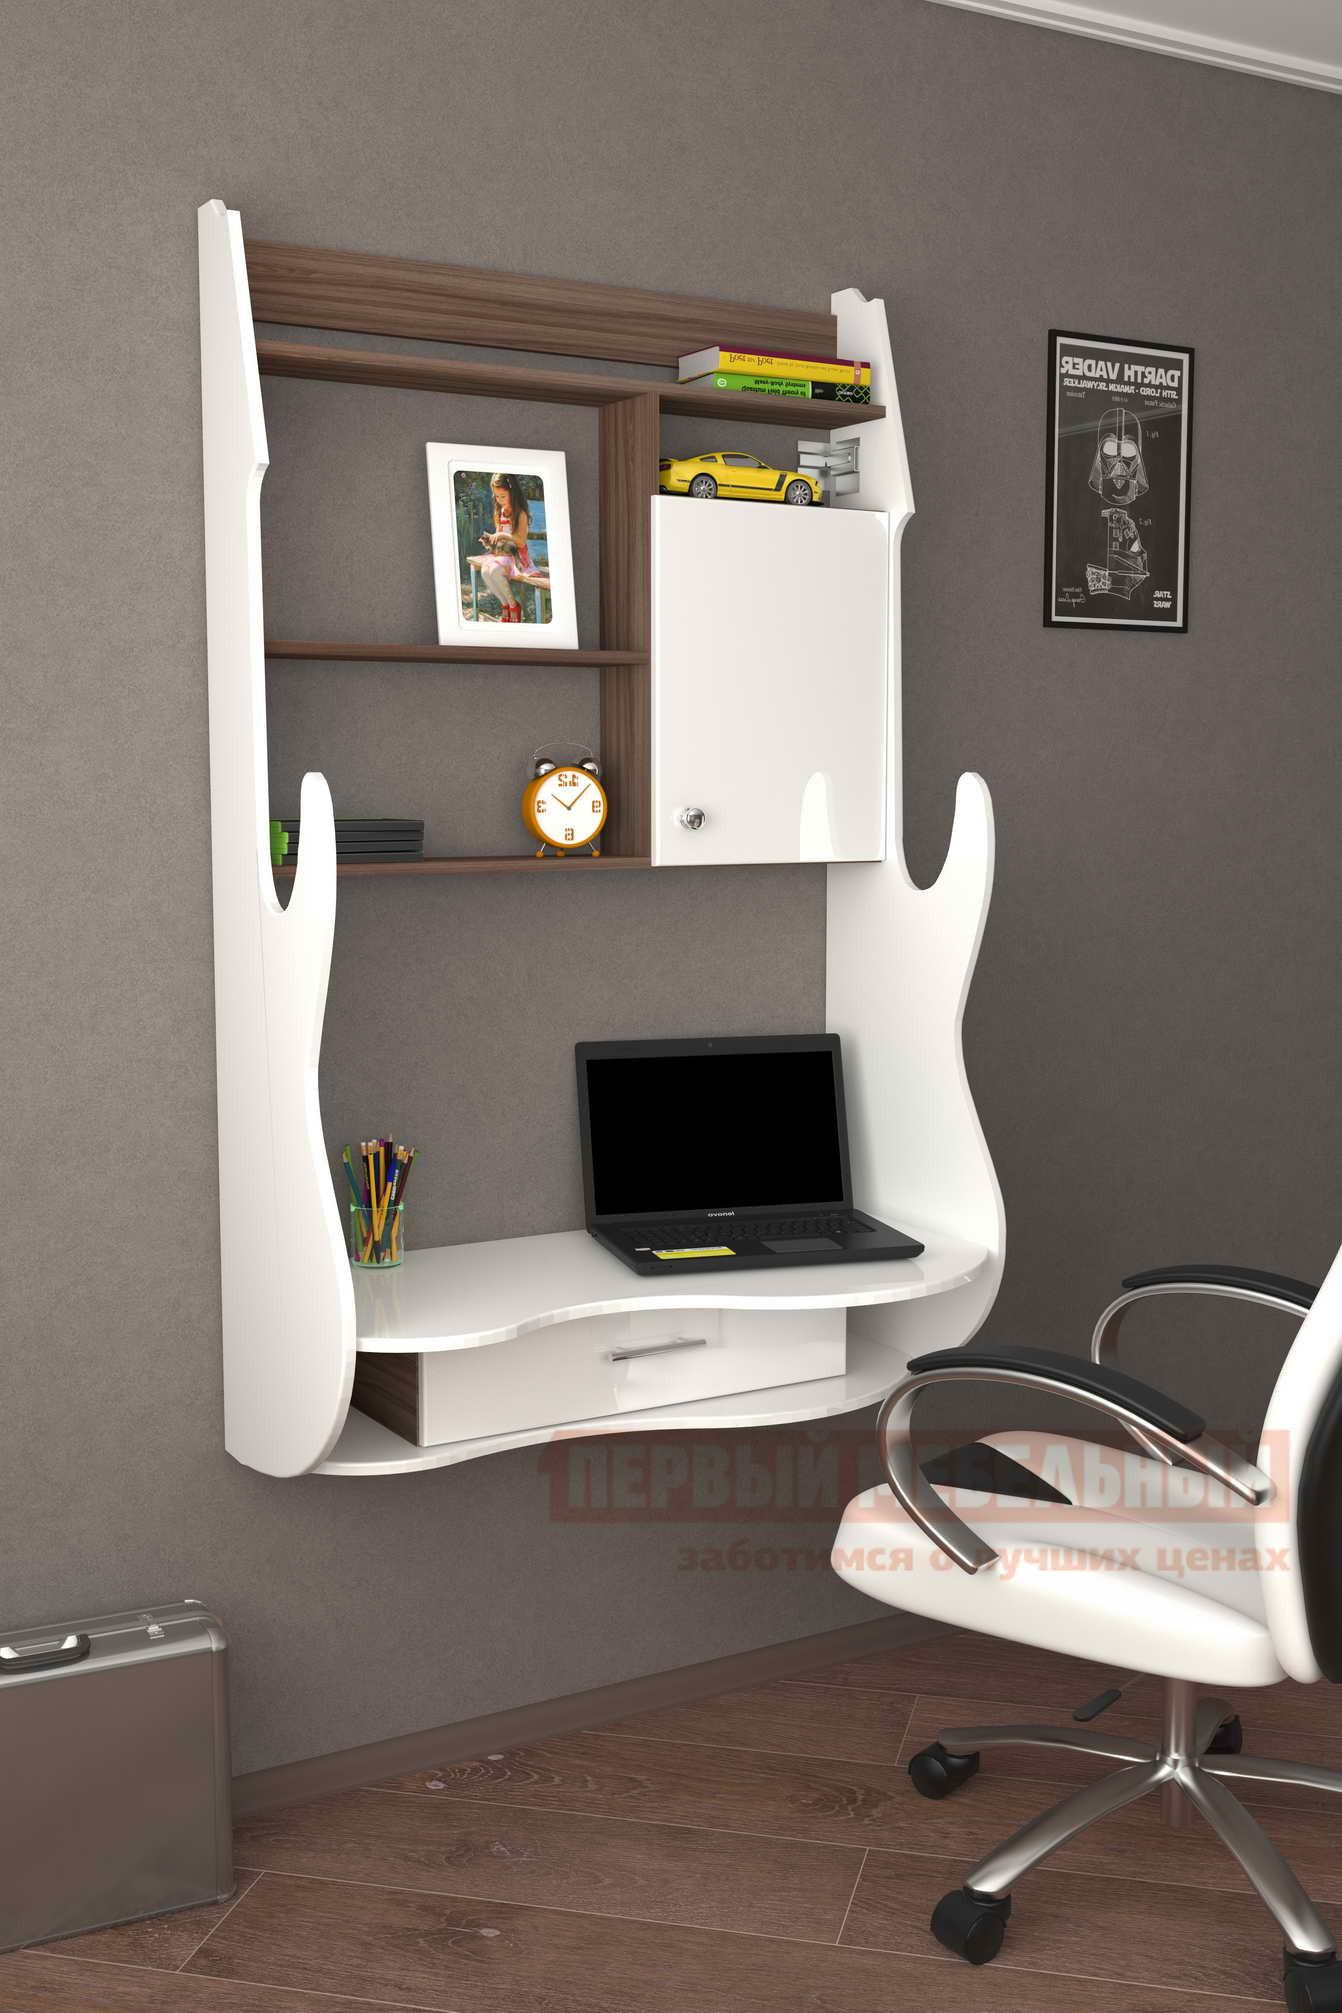 Компьютерный стол Мебелеф Компьютерный стол «Мебелеф-1» Белоснежный глянец 8888, Ясень Шимо тёмный, Левый